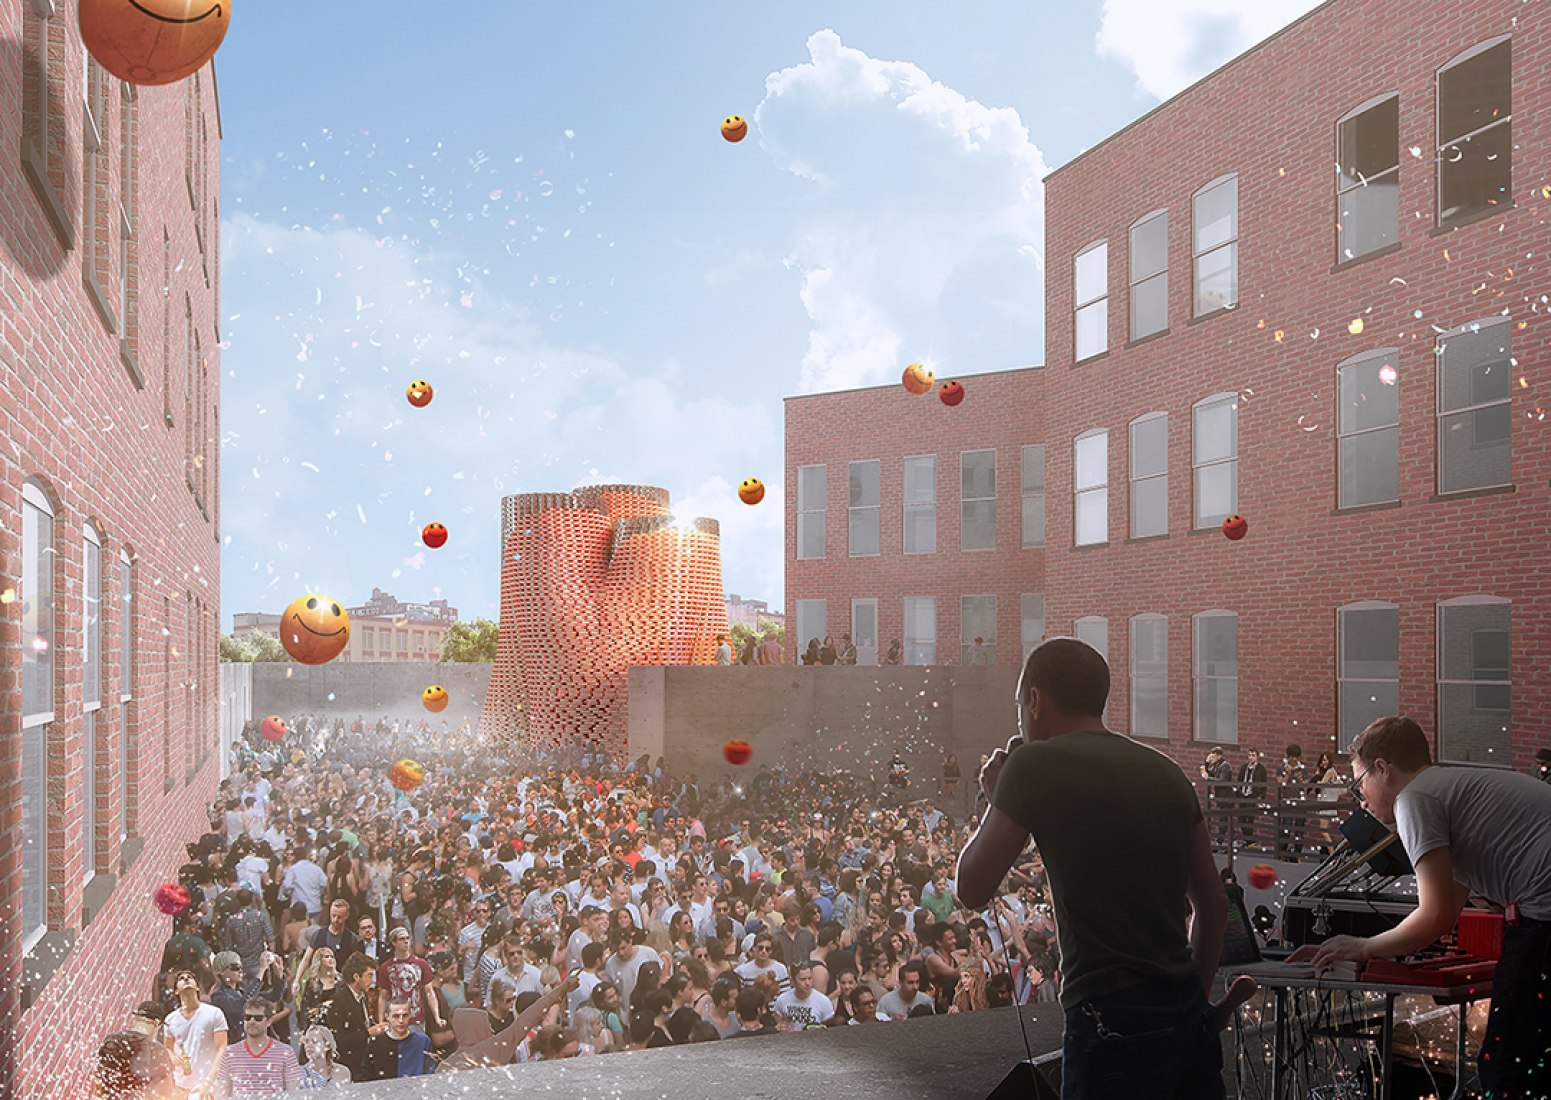 Visualización del Hy-Fi de The Living, diseño ganador del 2014 Young Architects Program. The Museum of Modern Art y MoMAPS1. Imagen cortesía de The Living.